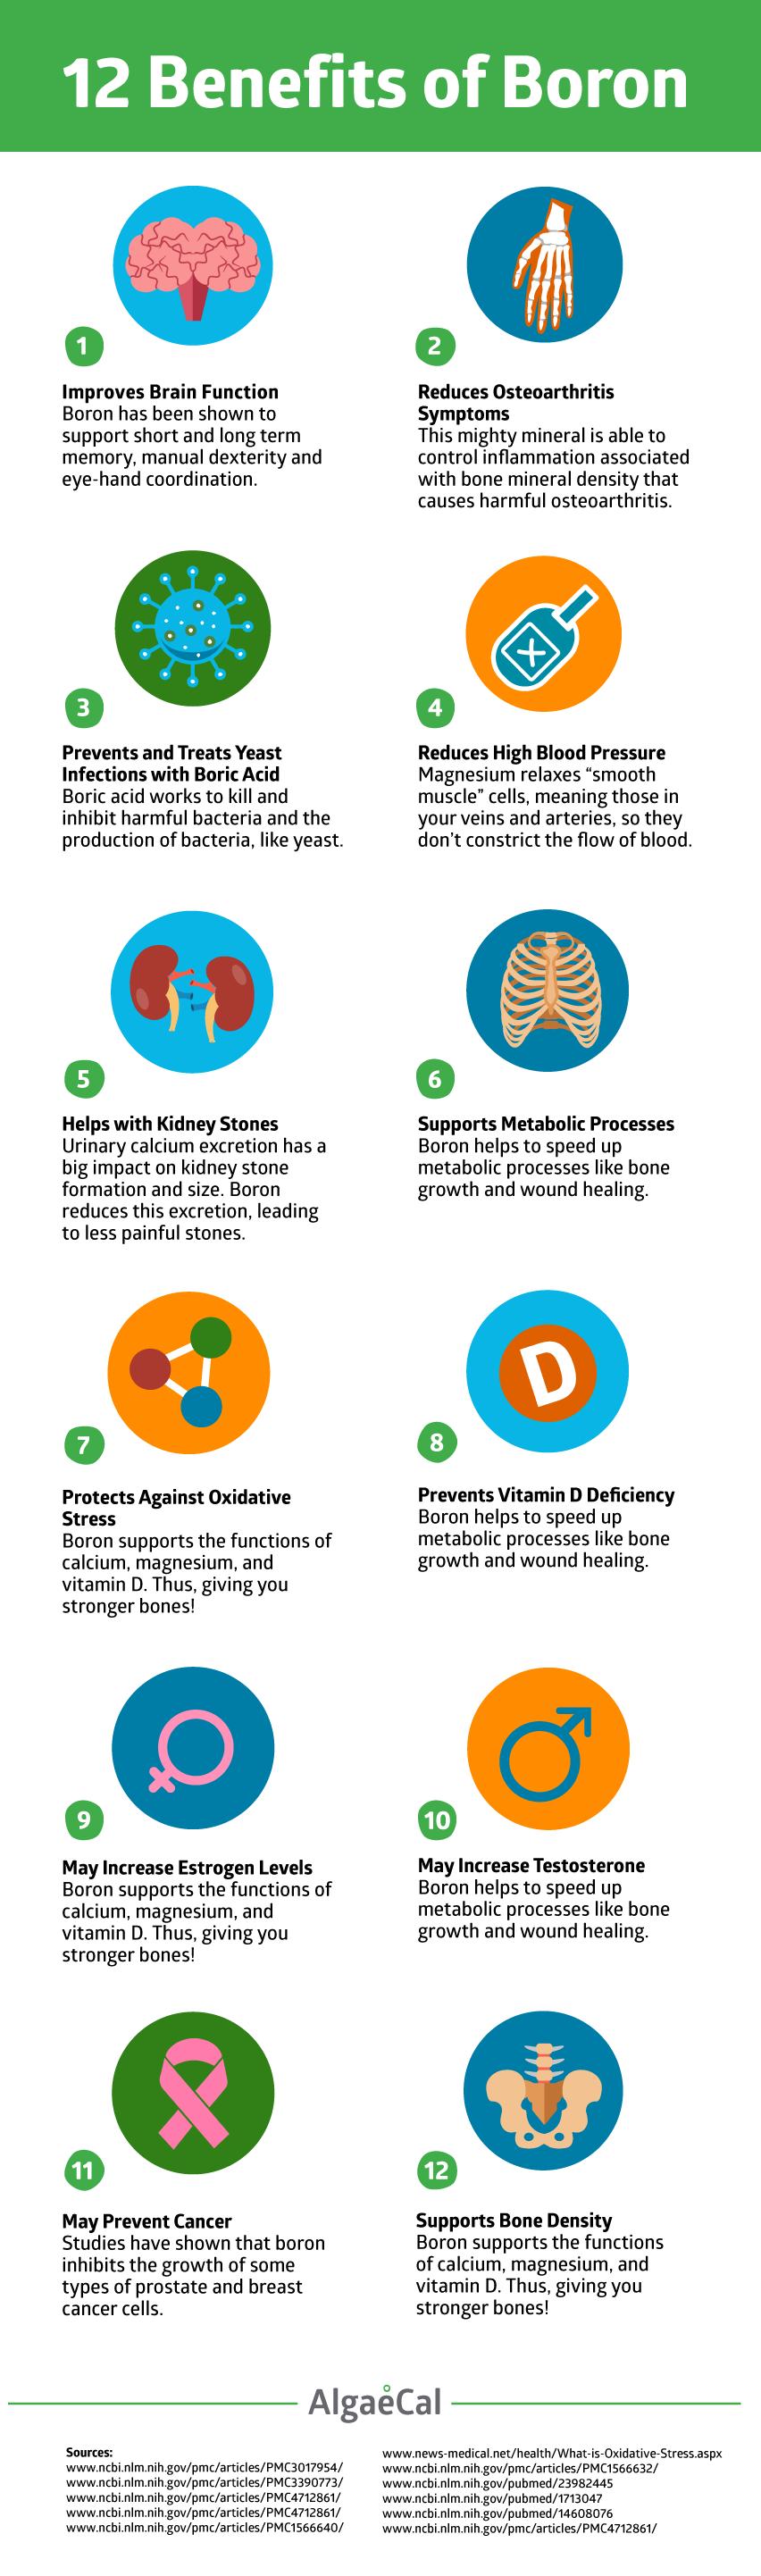 Benefits of Boron Infographic